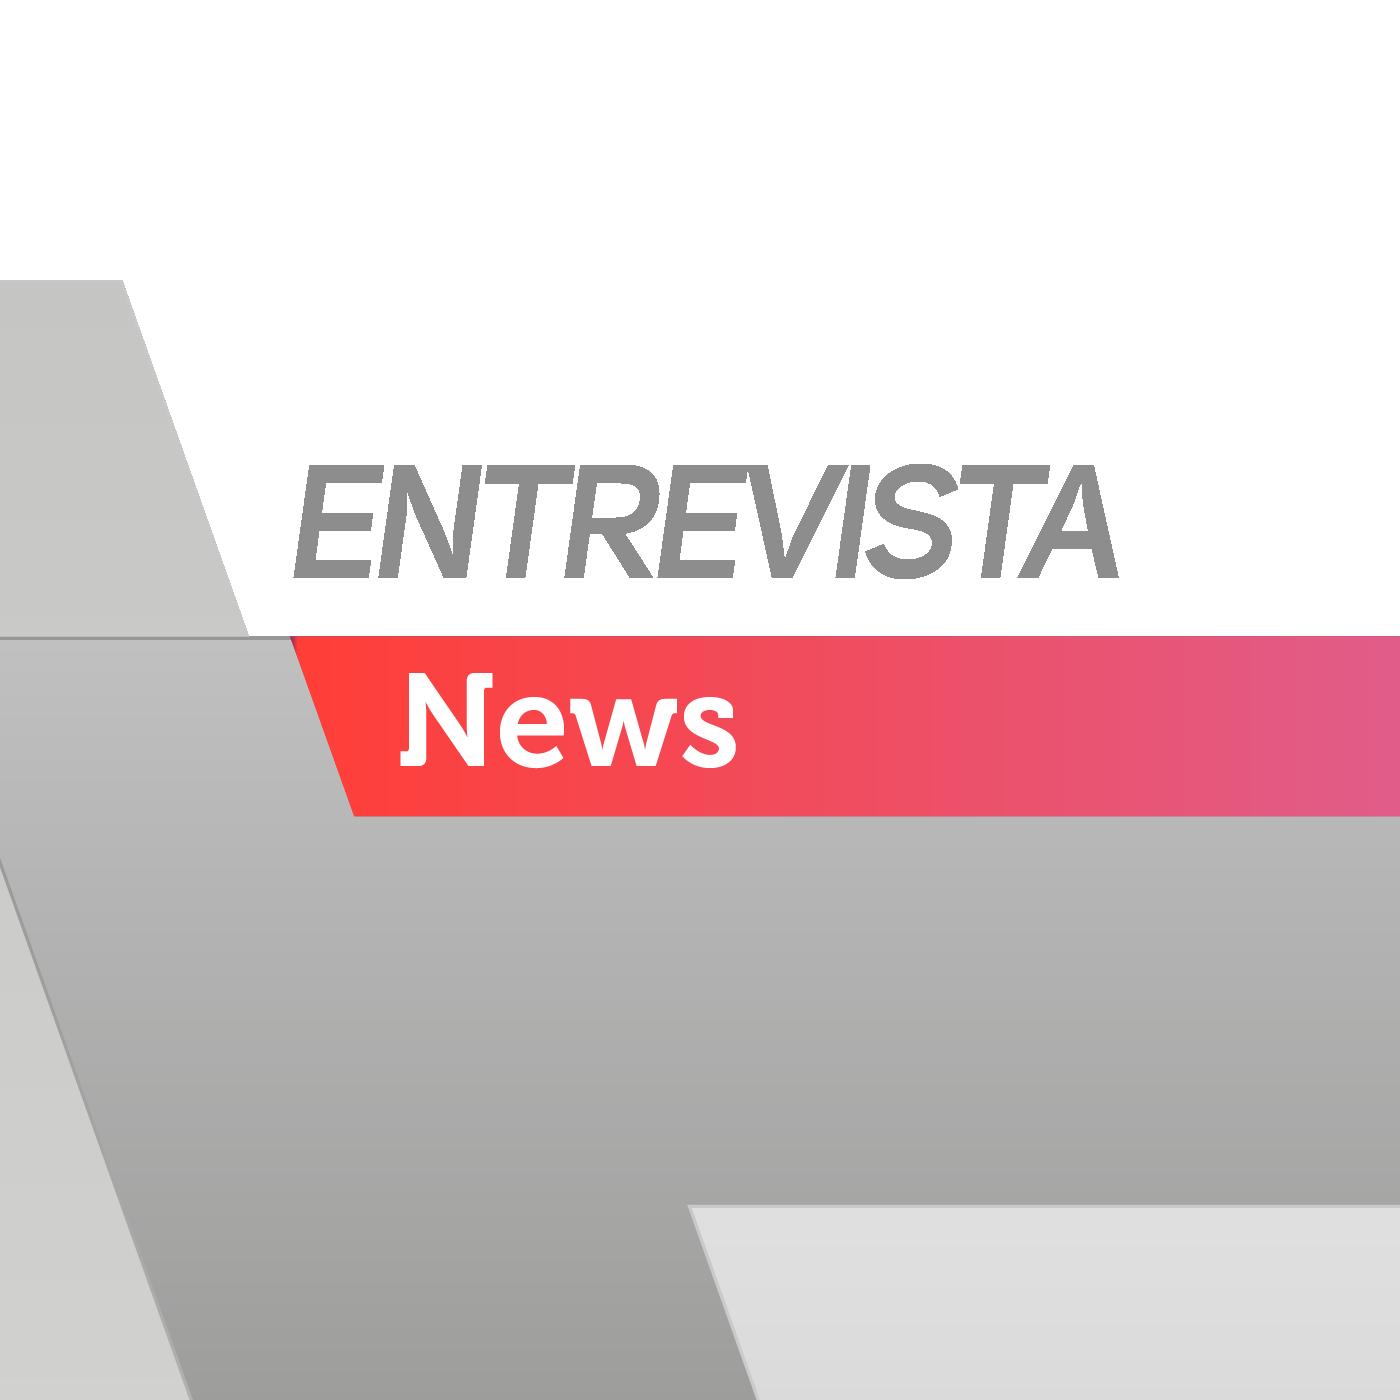 Deputado Tarcísio Zimmermann (PT) contrapõe críticas do chefe da polícia civil sobre projetos travados na Assembleia pela oposição